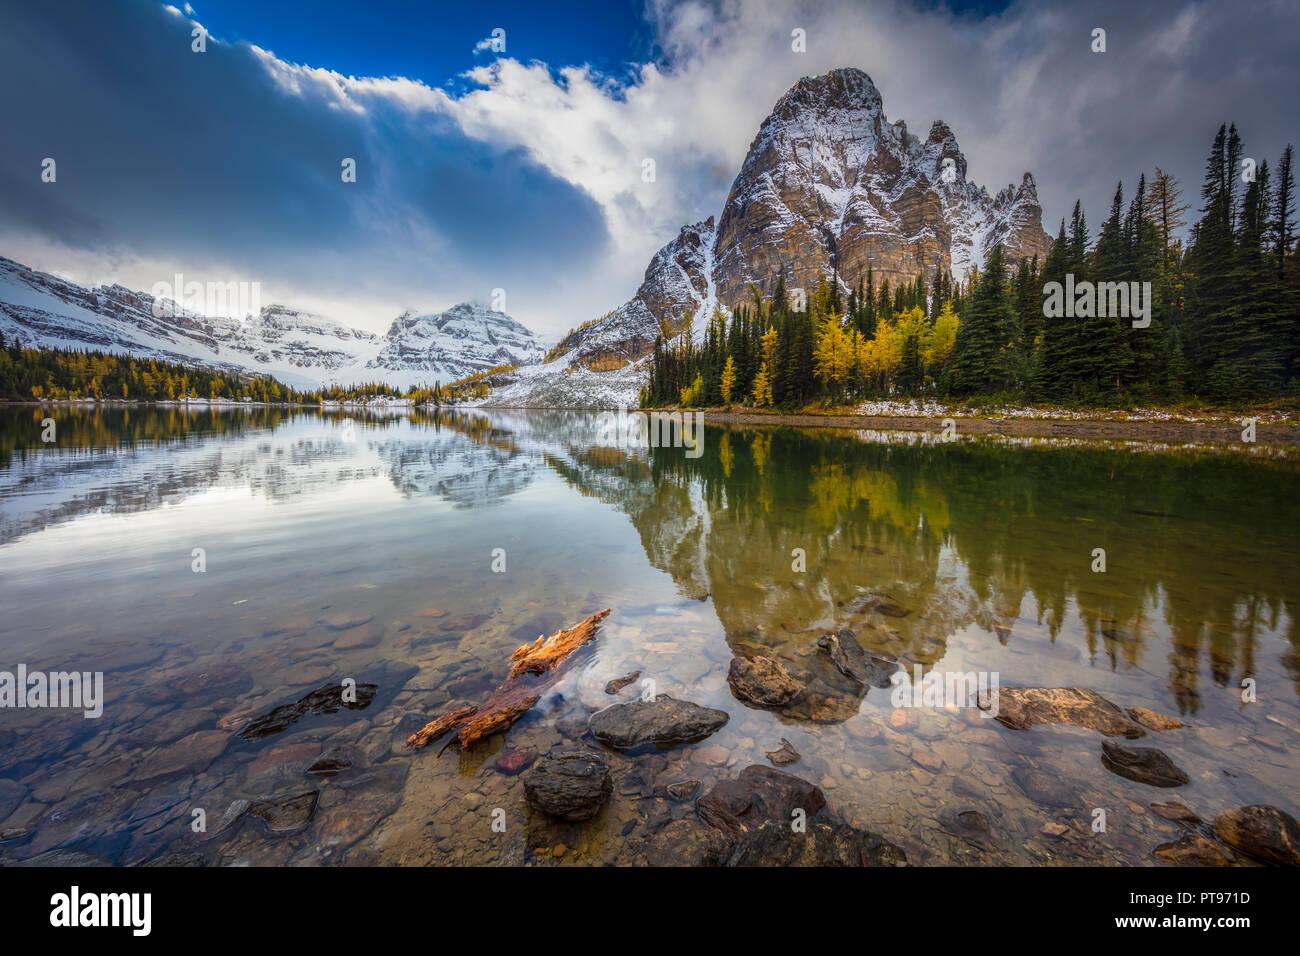 Il Monte Assiniboine Provincial Park è un parco provinciale in British Columbia, Canada, situato intorno al Monte Assiniboine. Foto Stock